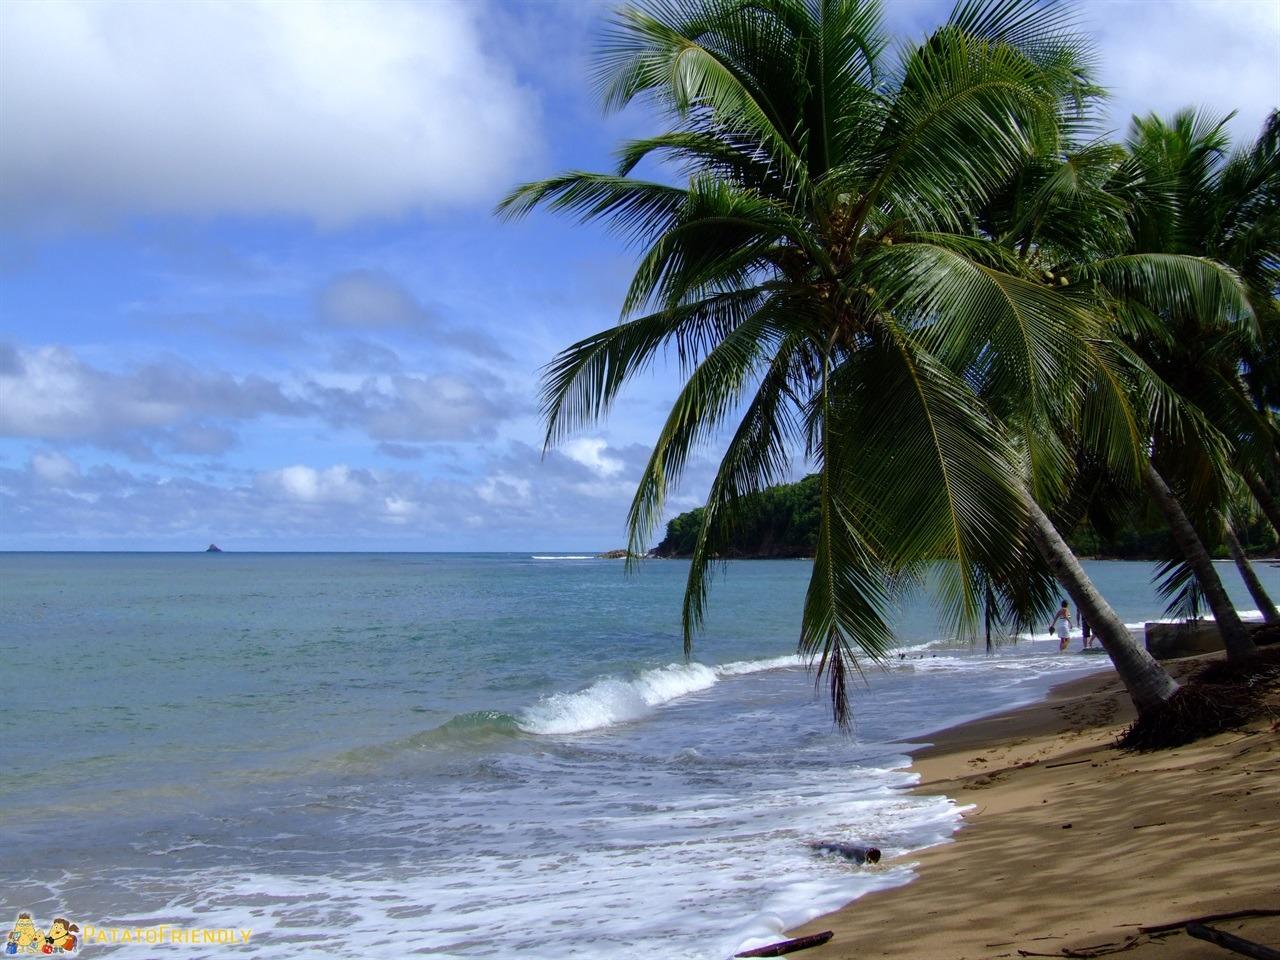 Le spiagge della Martinica - Anse l'Etang